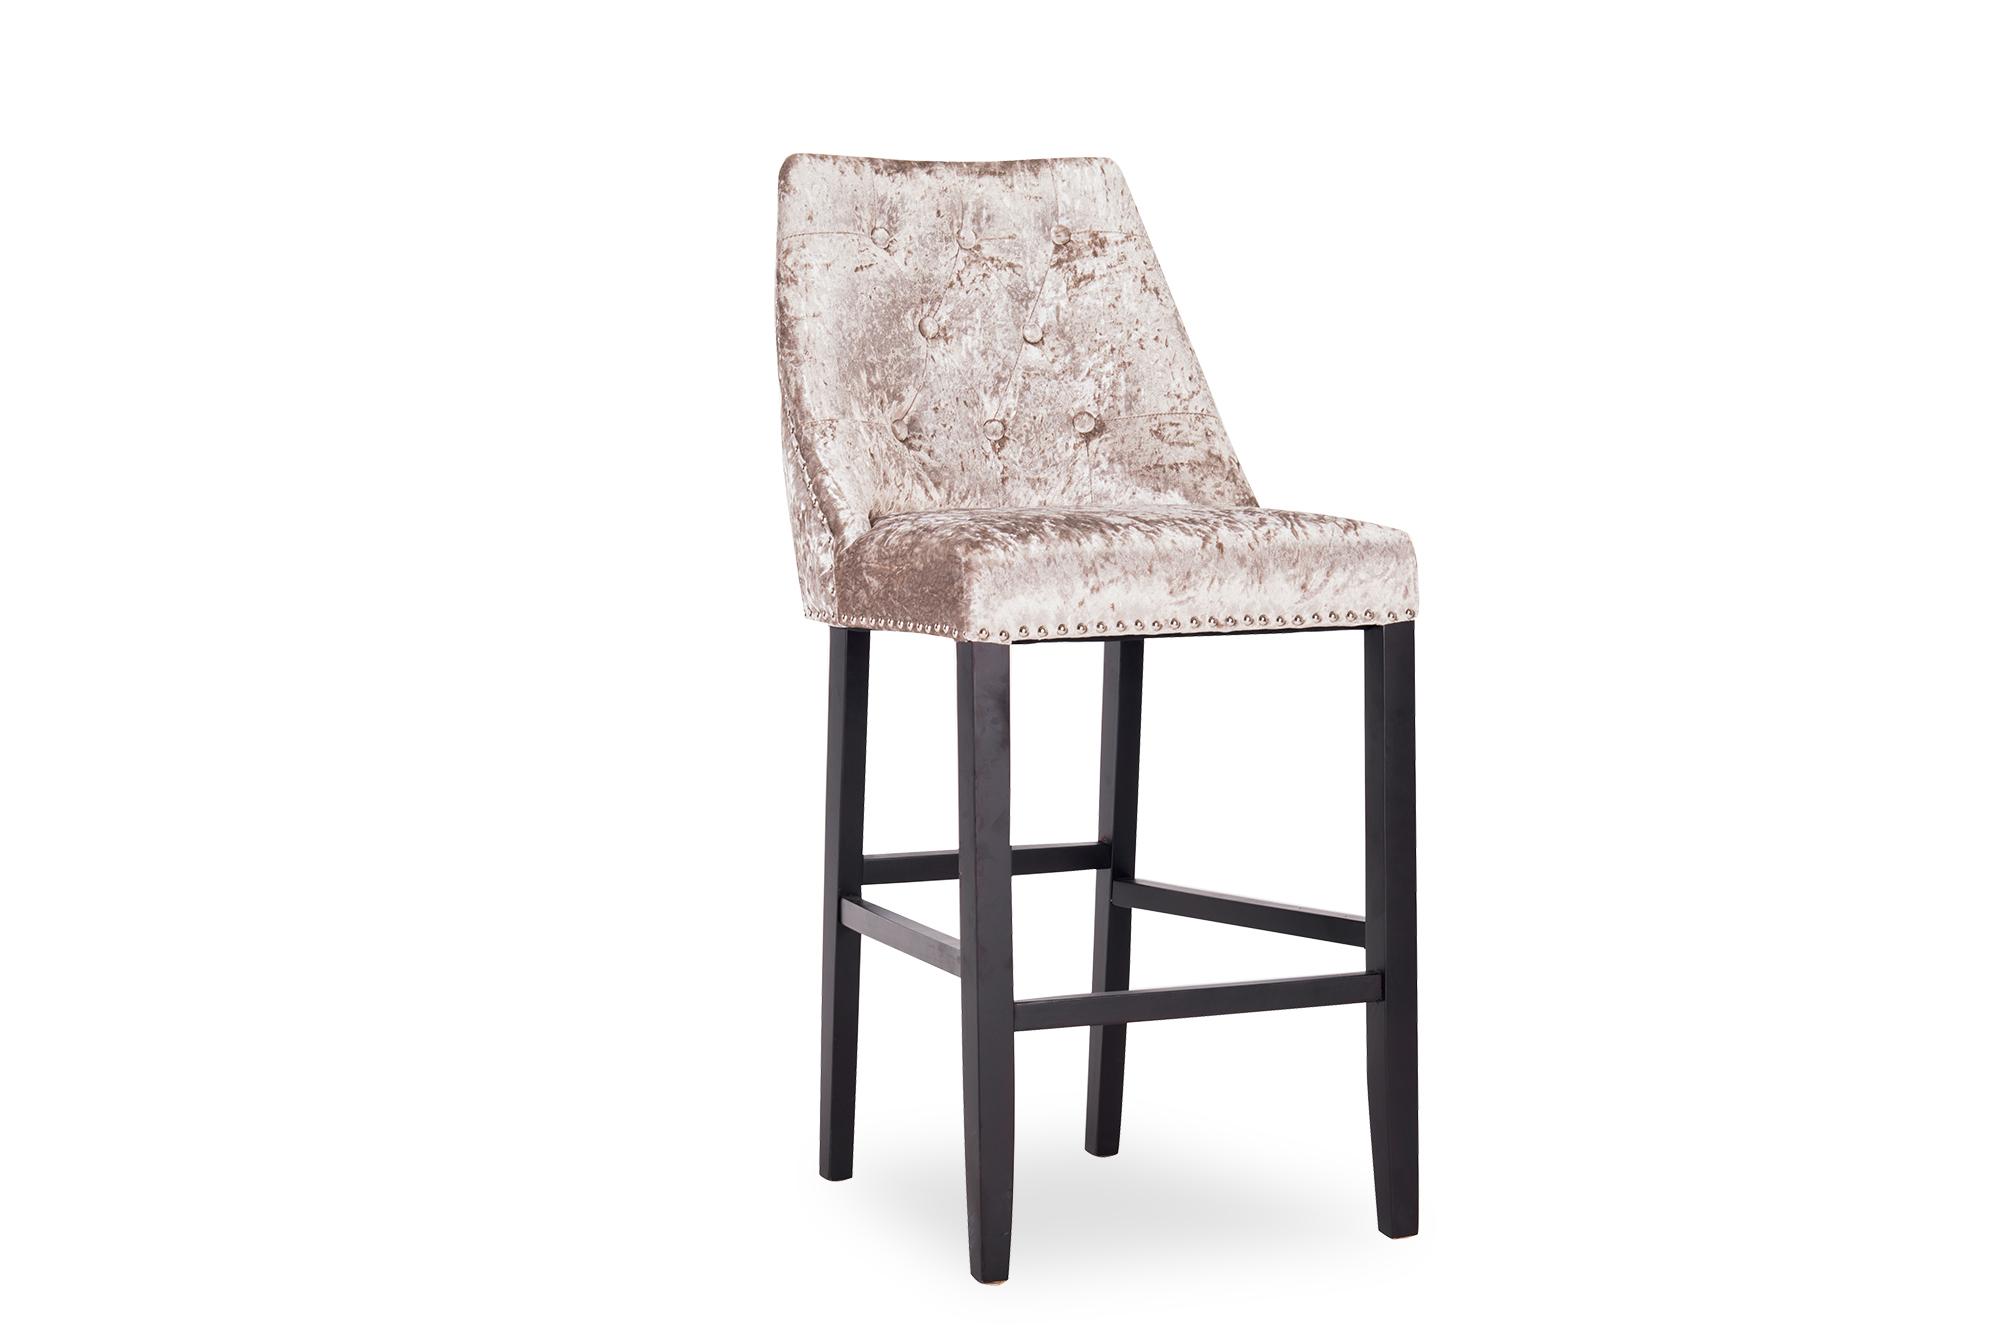 Lovell Bar Chair Knockerback Crushed Velvet Mink